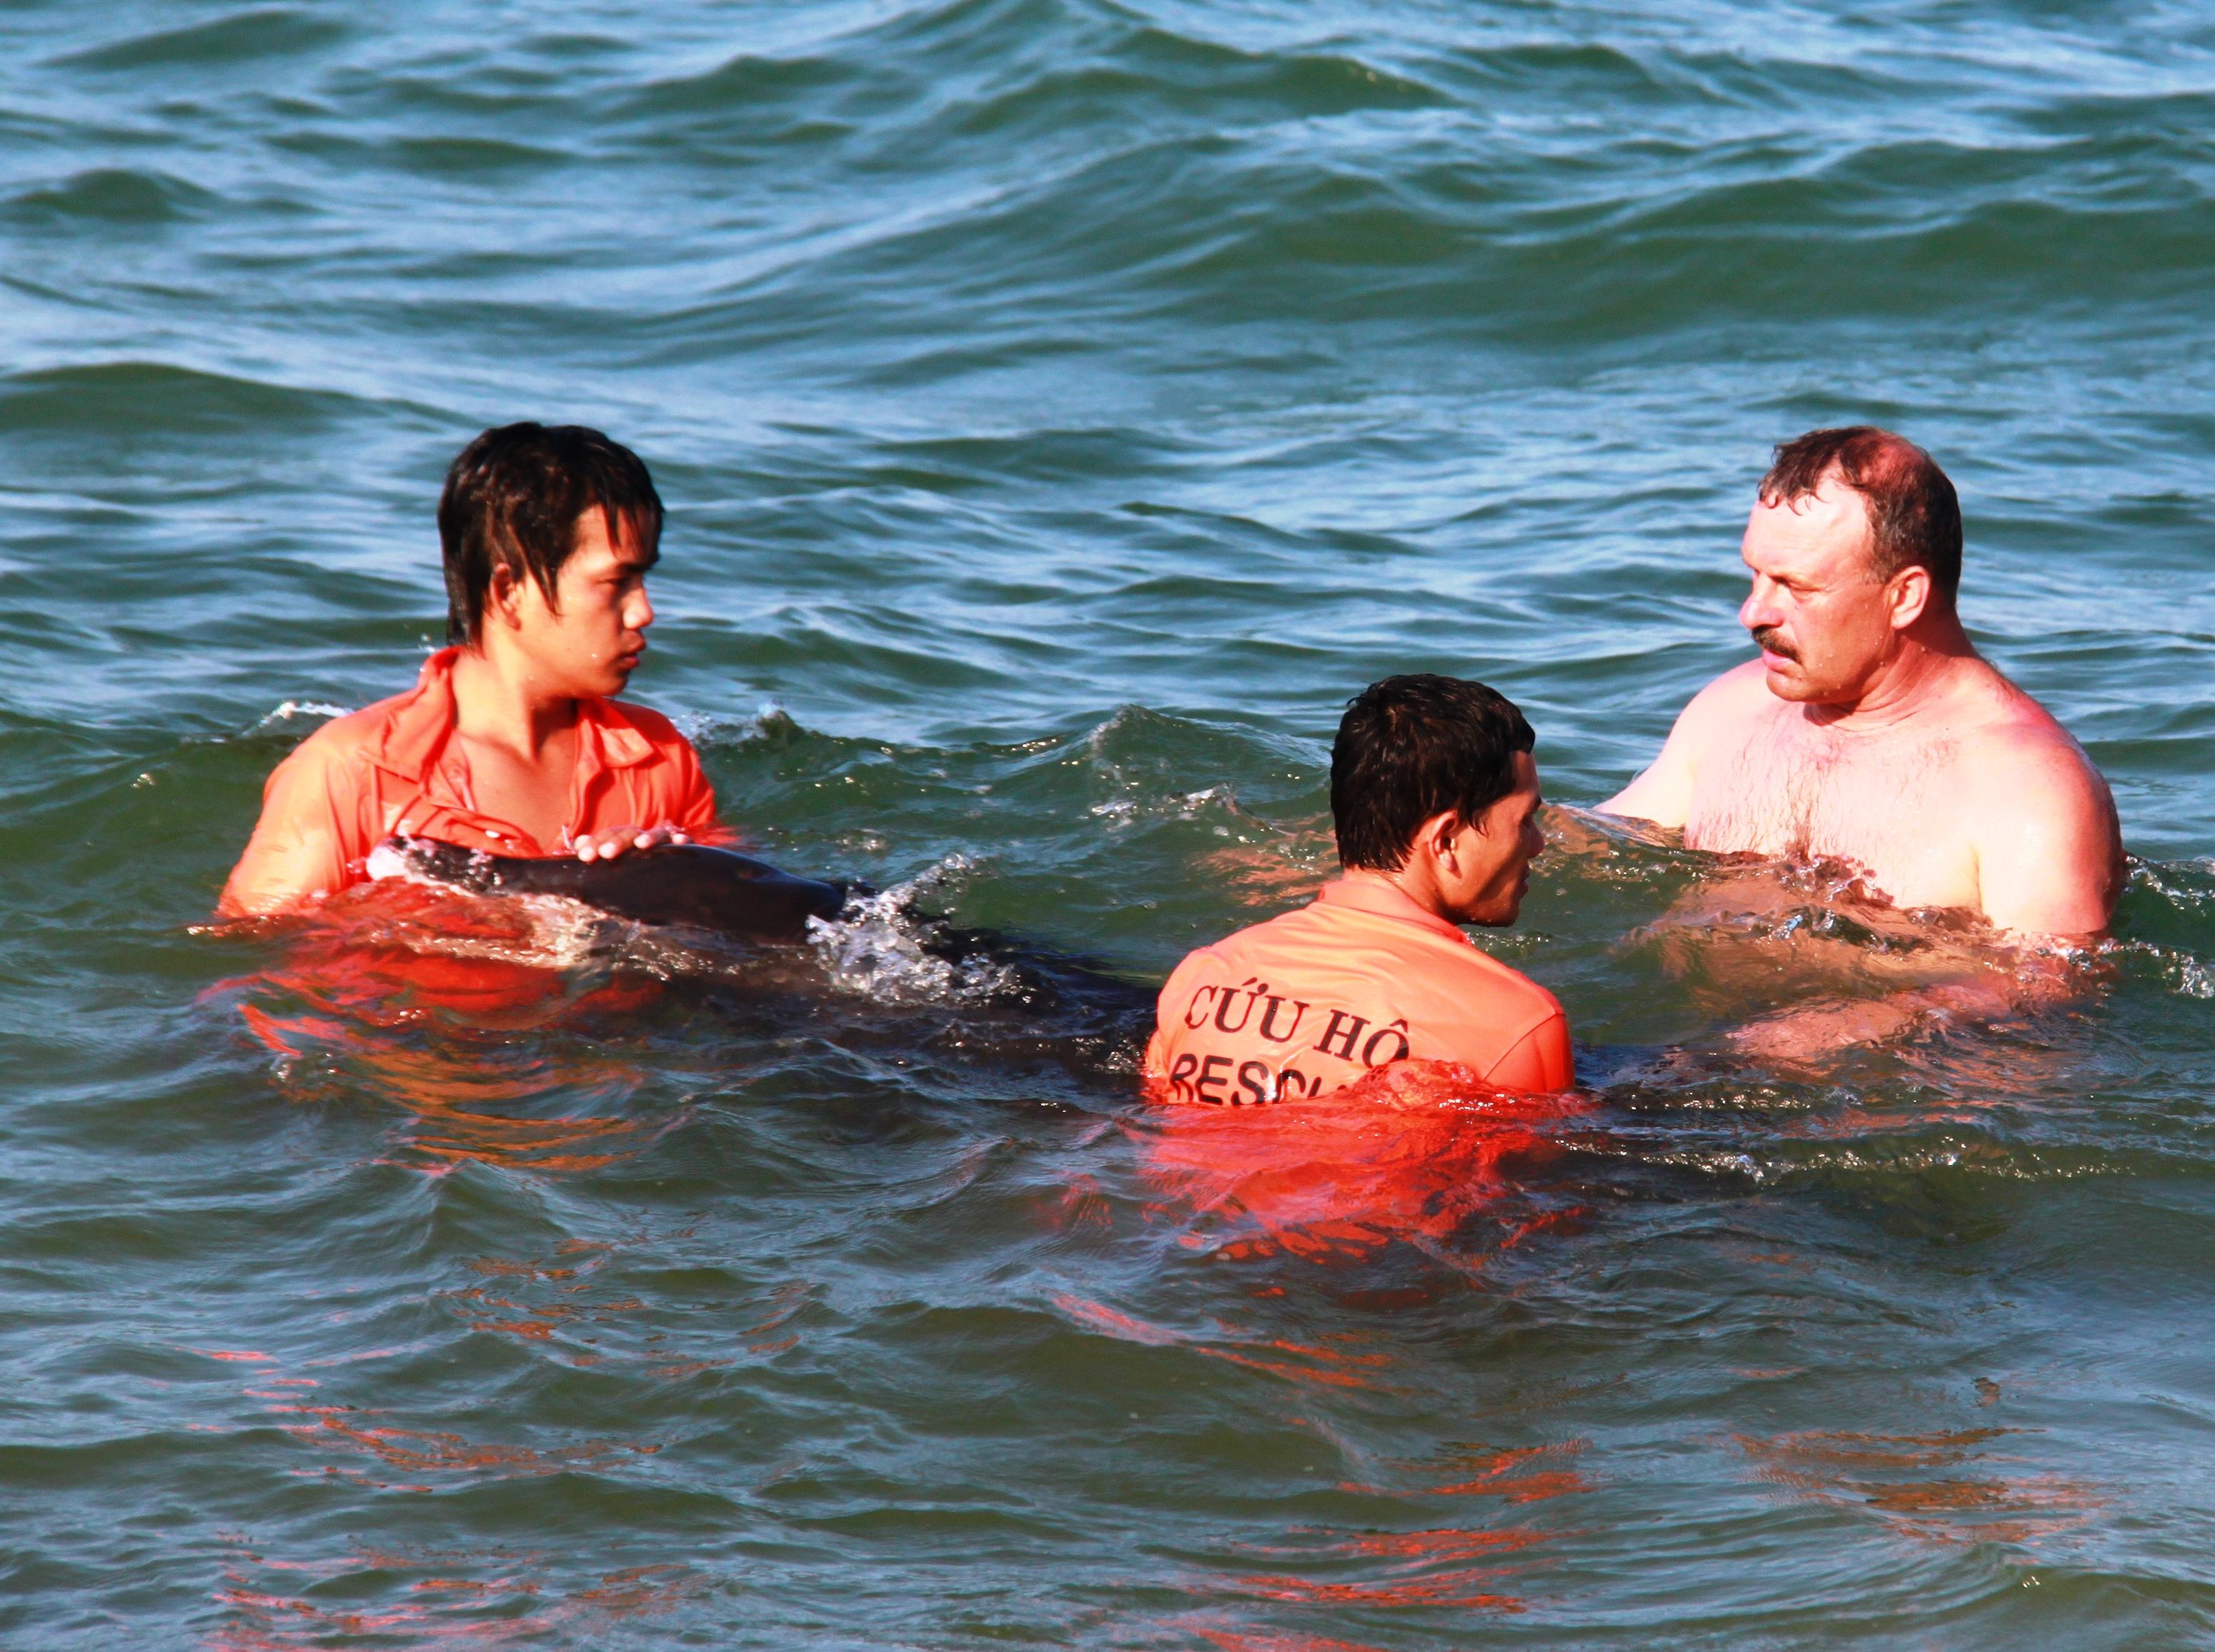 Hai nhân viên cứu hộ tận tình cứu chú cá heo